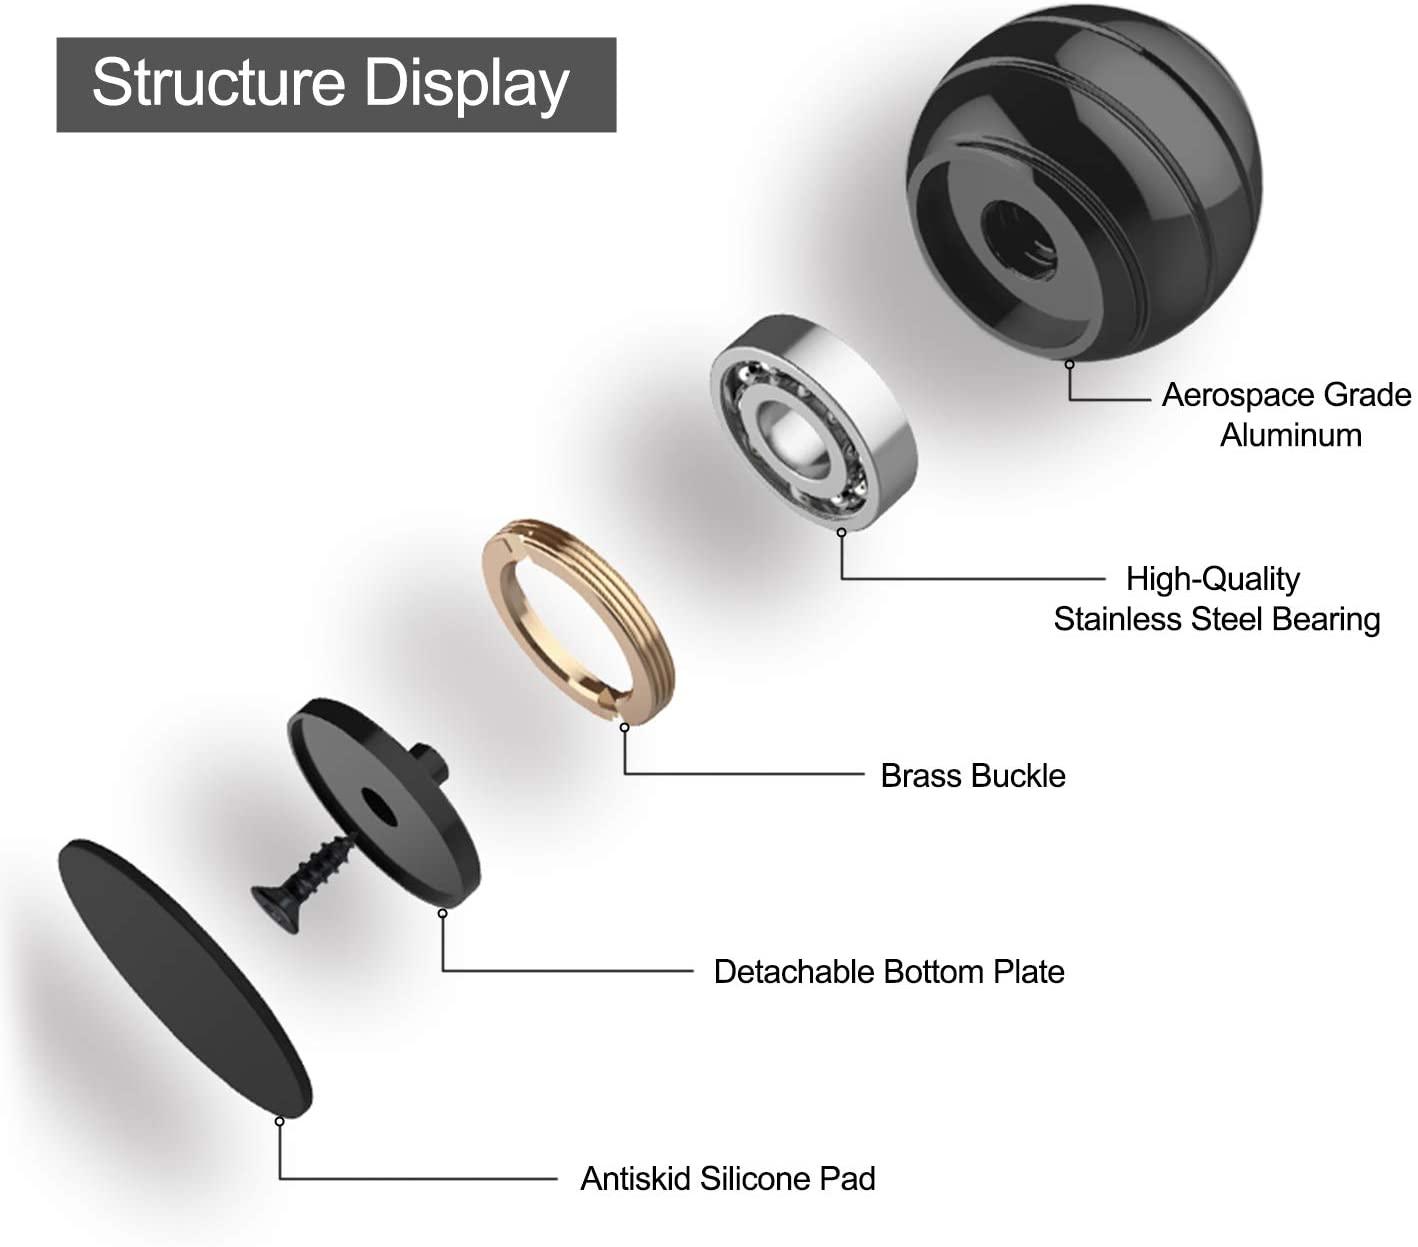 40mm Desktop Decompression Rotating Spherical Gyroscope Office Desk Fidget   Toys Optical Illusion Flowing Finger Toys Adult Gif enlarge